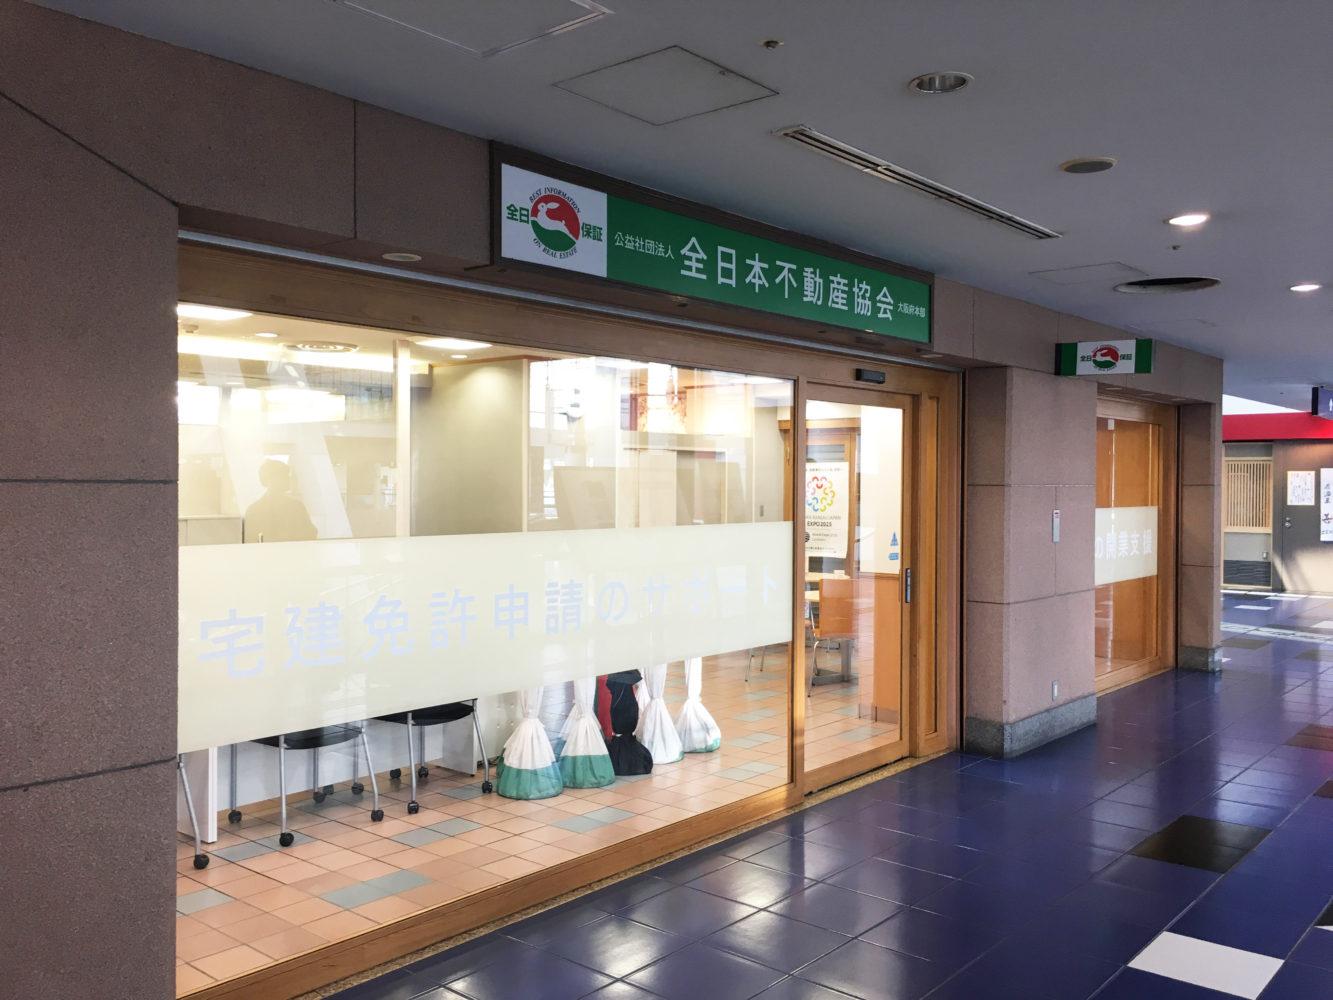 全日本不動産協会咲洲事務所